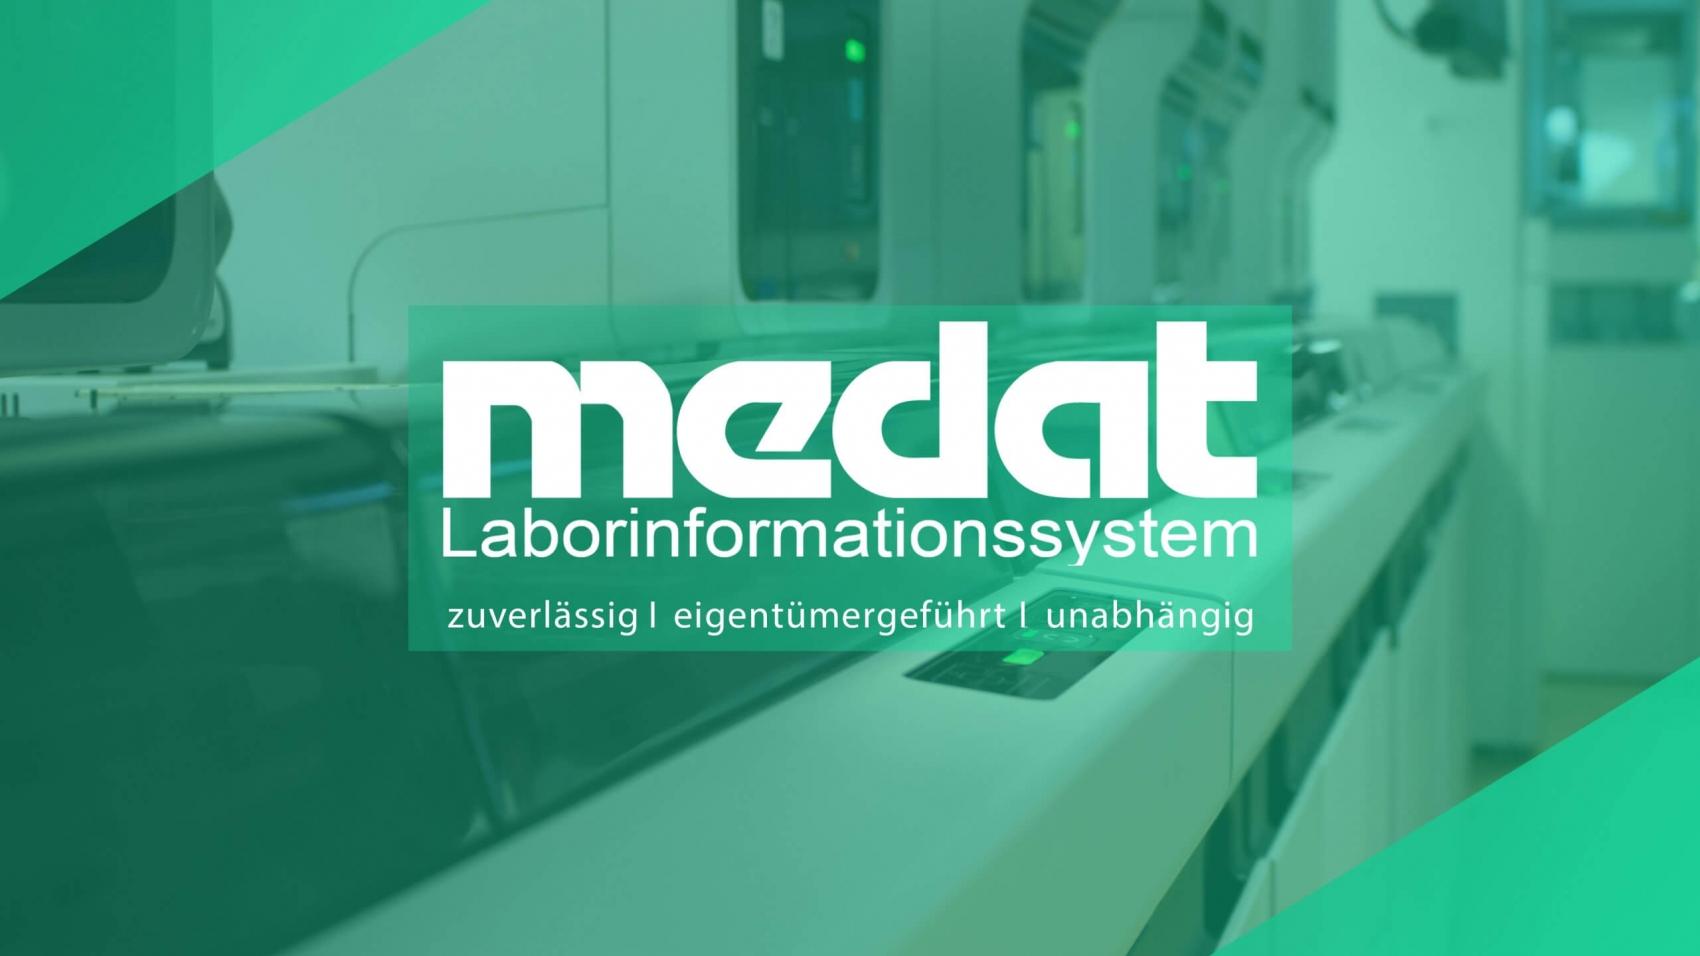 Das vollautomatisierte Labor von Medat Laborinformationssystem